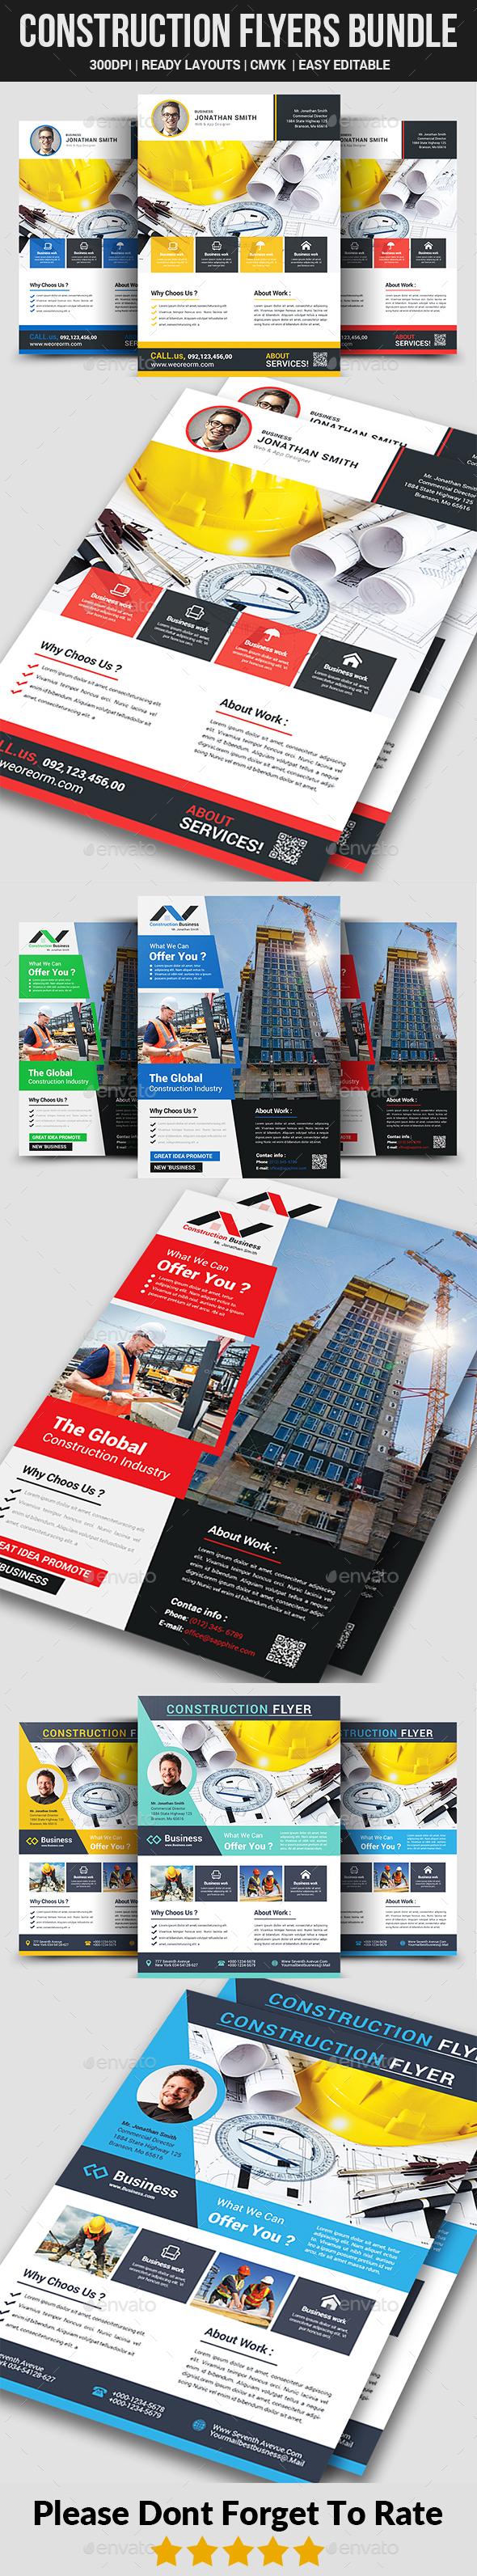 Construction Flyers Bundle - Corporate Flyers